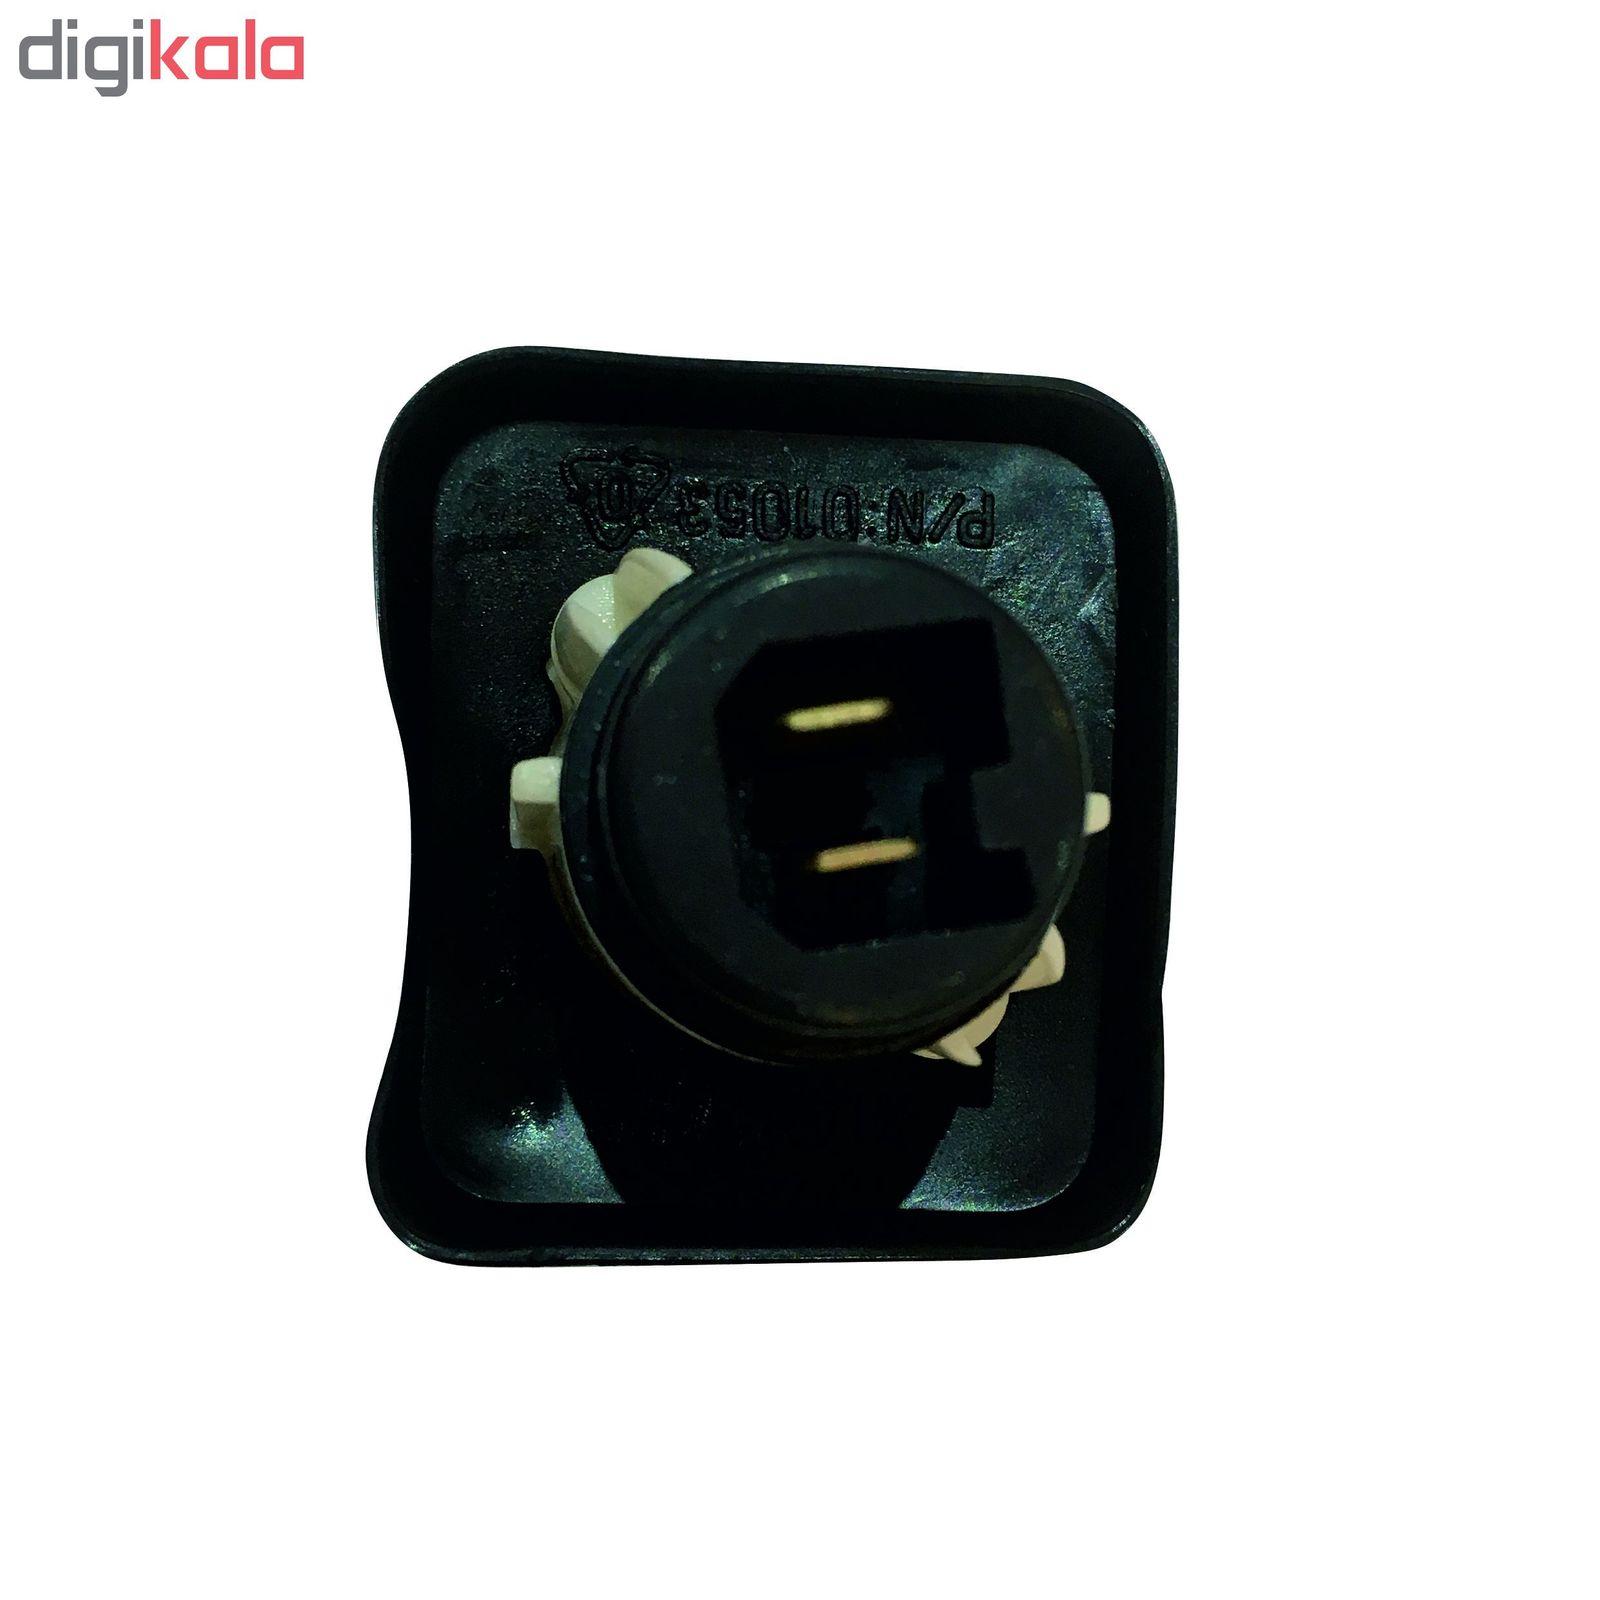 چراغ اس ام دی راهنمای گلگیر مدل PG-01 مناسب برای پژو 405 main 1 3